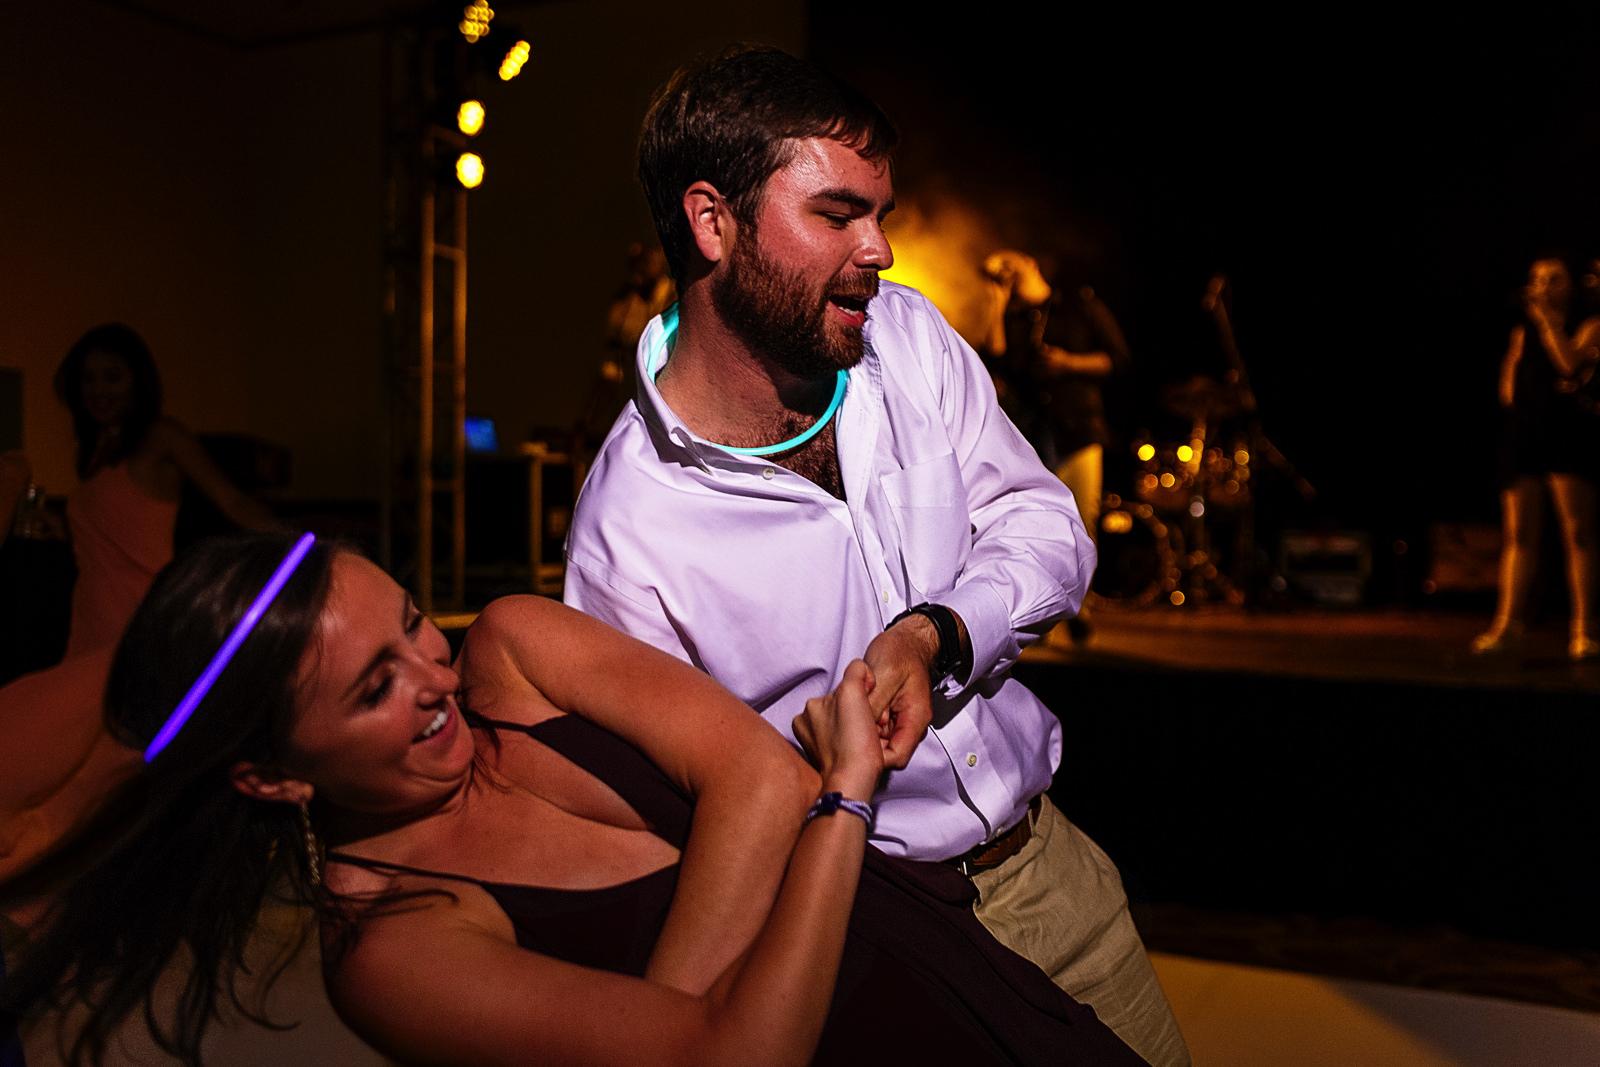 Guests dancing at wedding reception - Eder Acevedo cancun los cabos vallarta wedding photographer